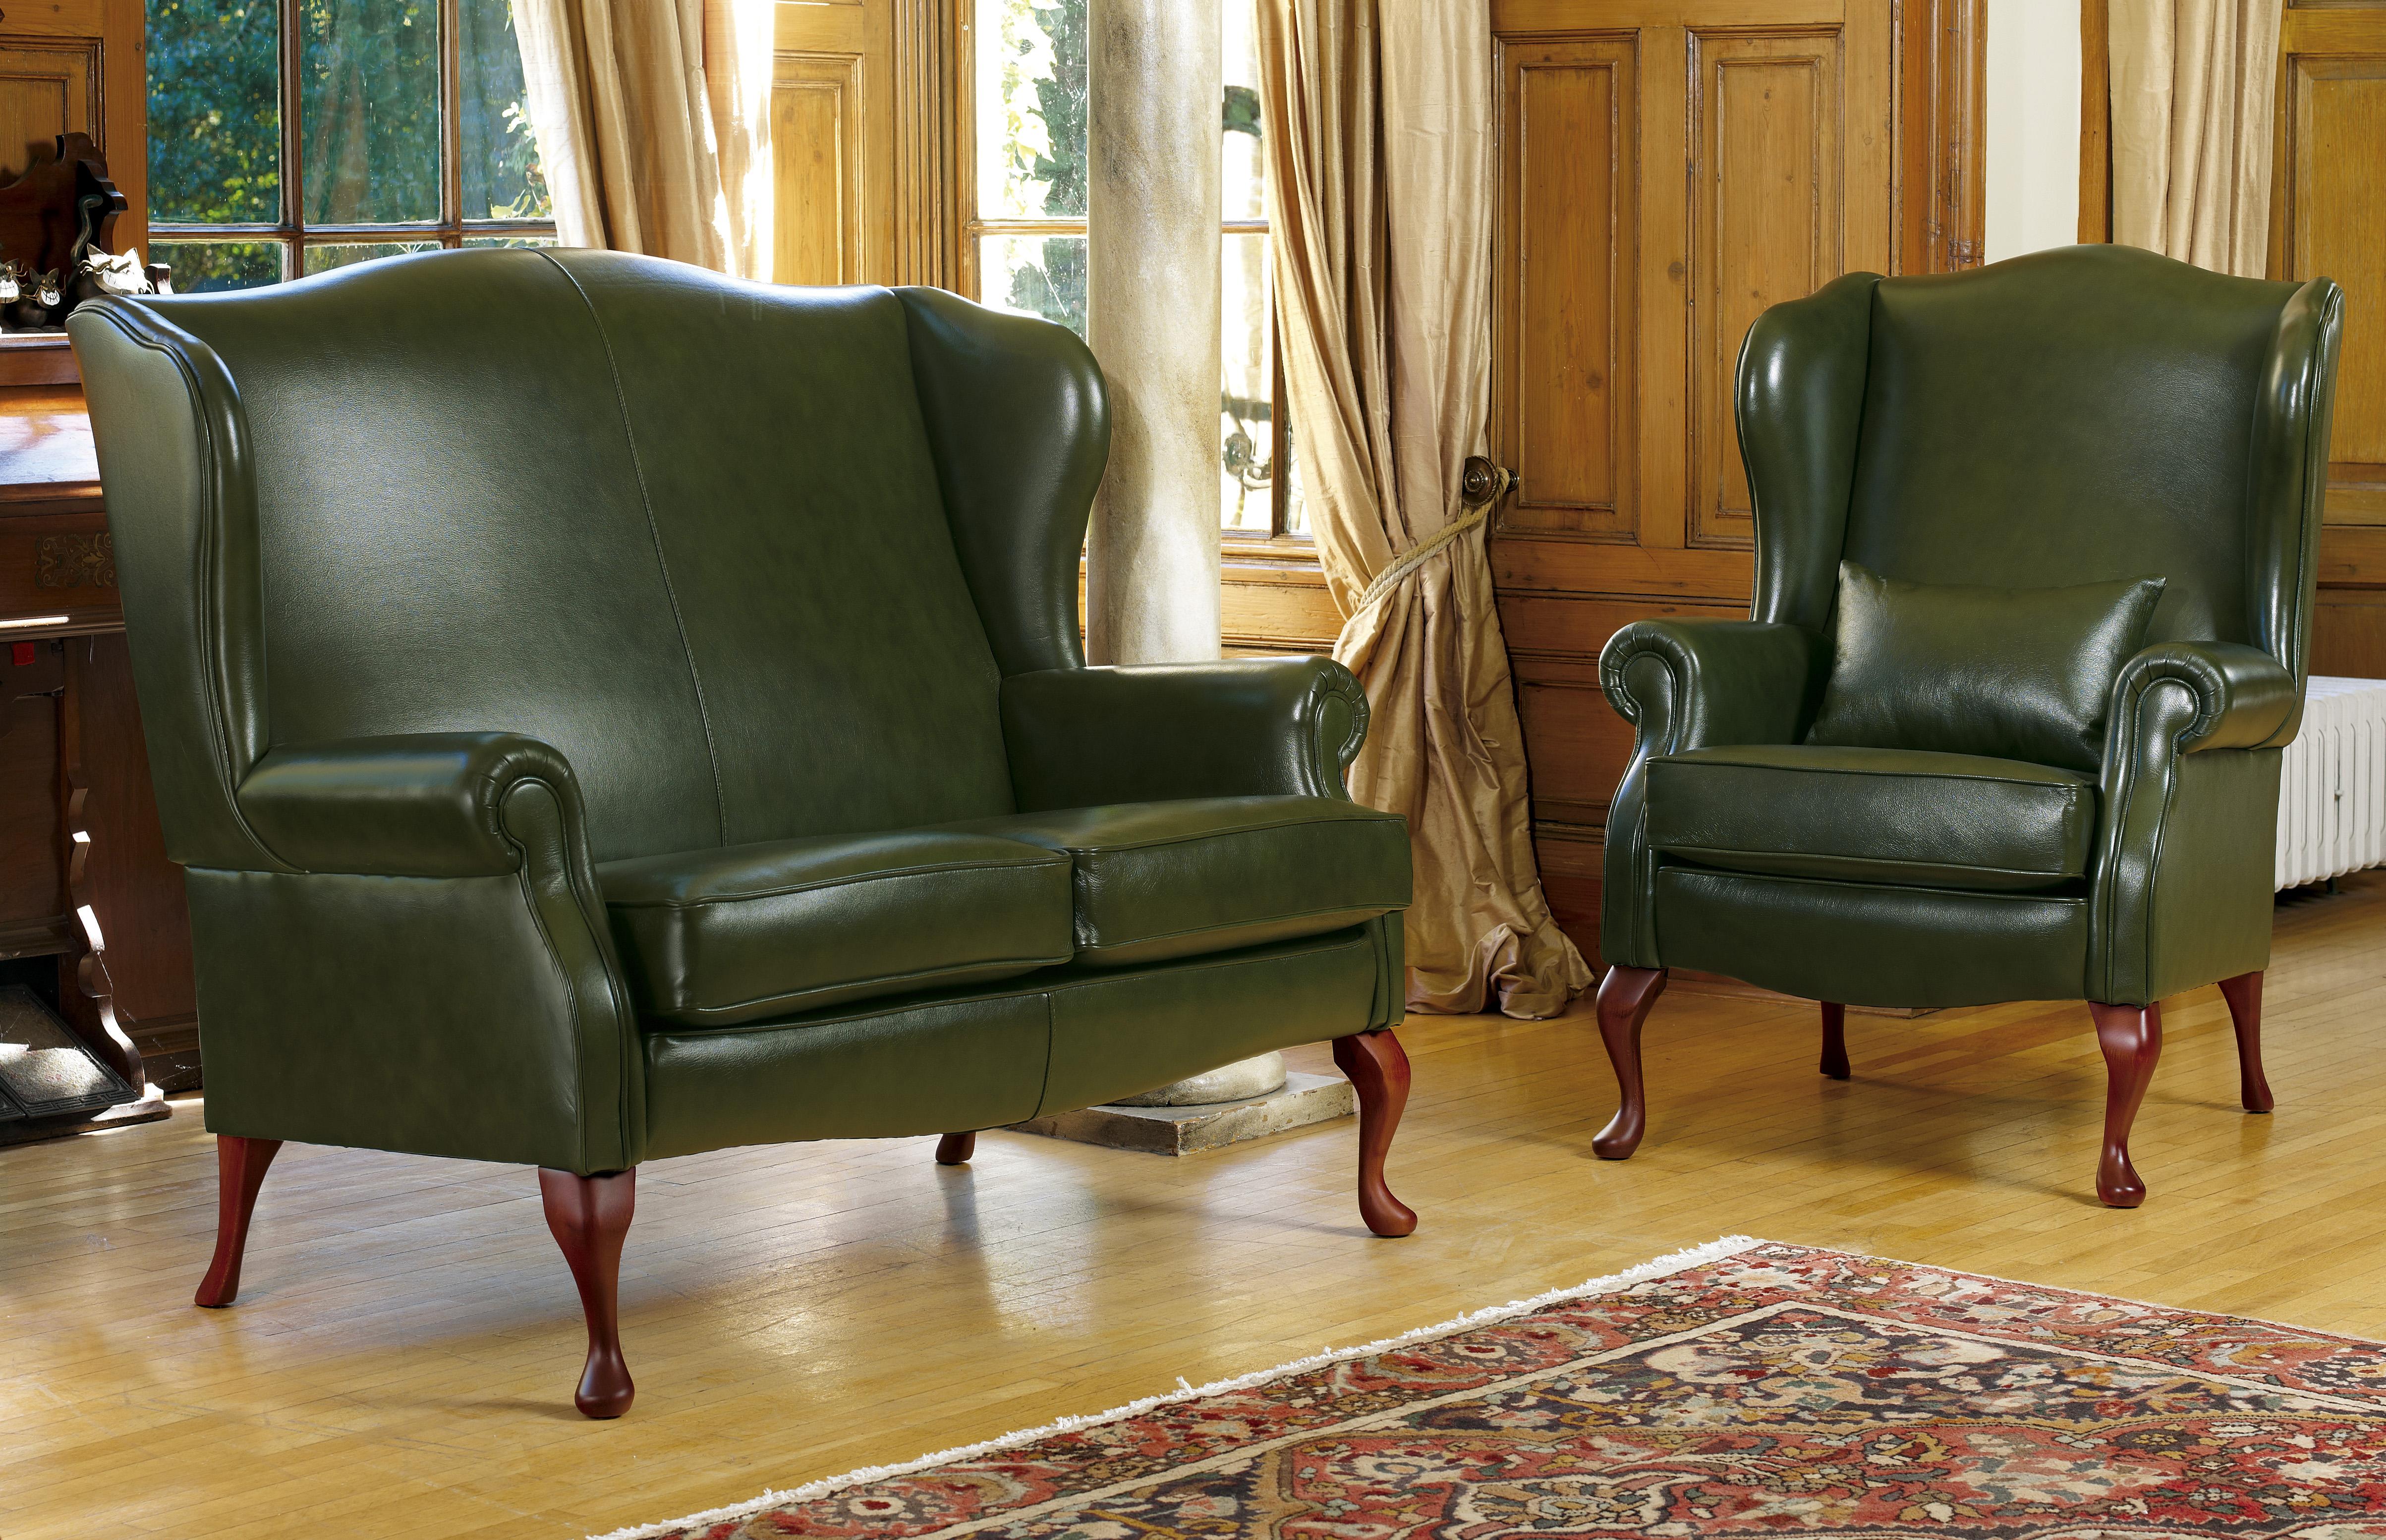 Kensington Sherborne Upholstery